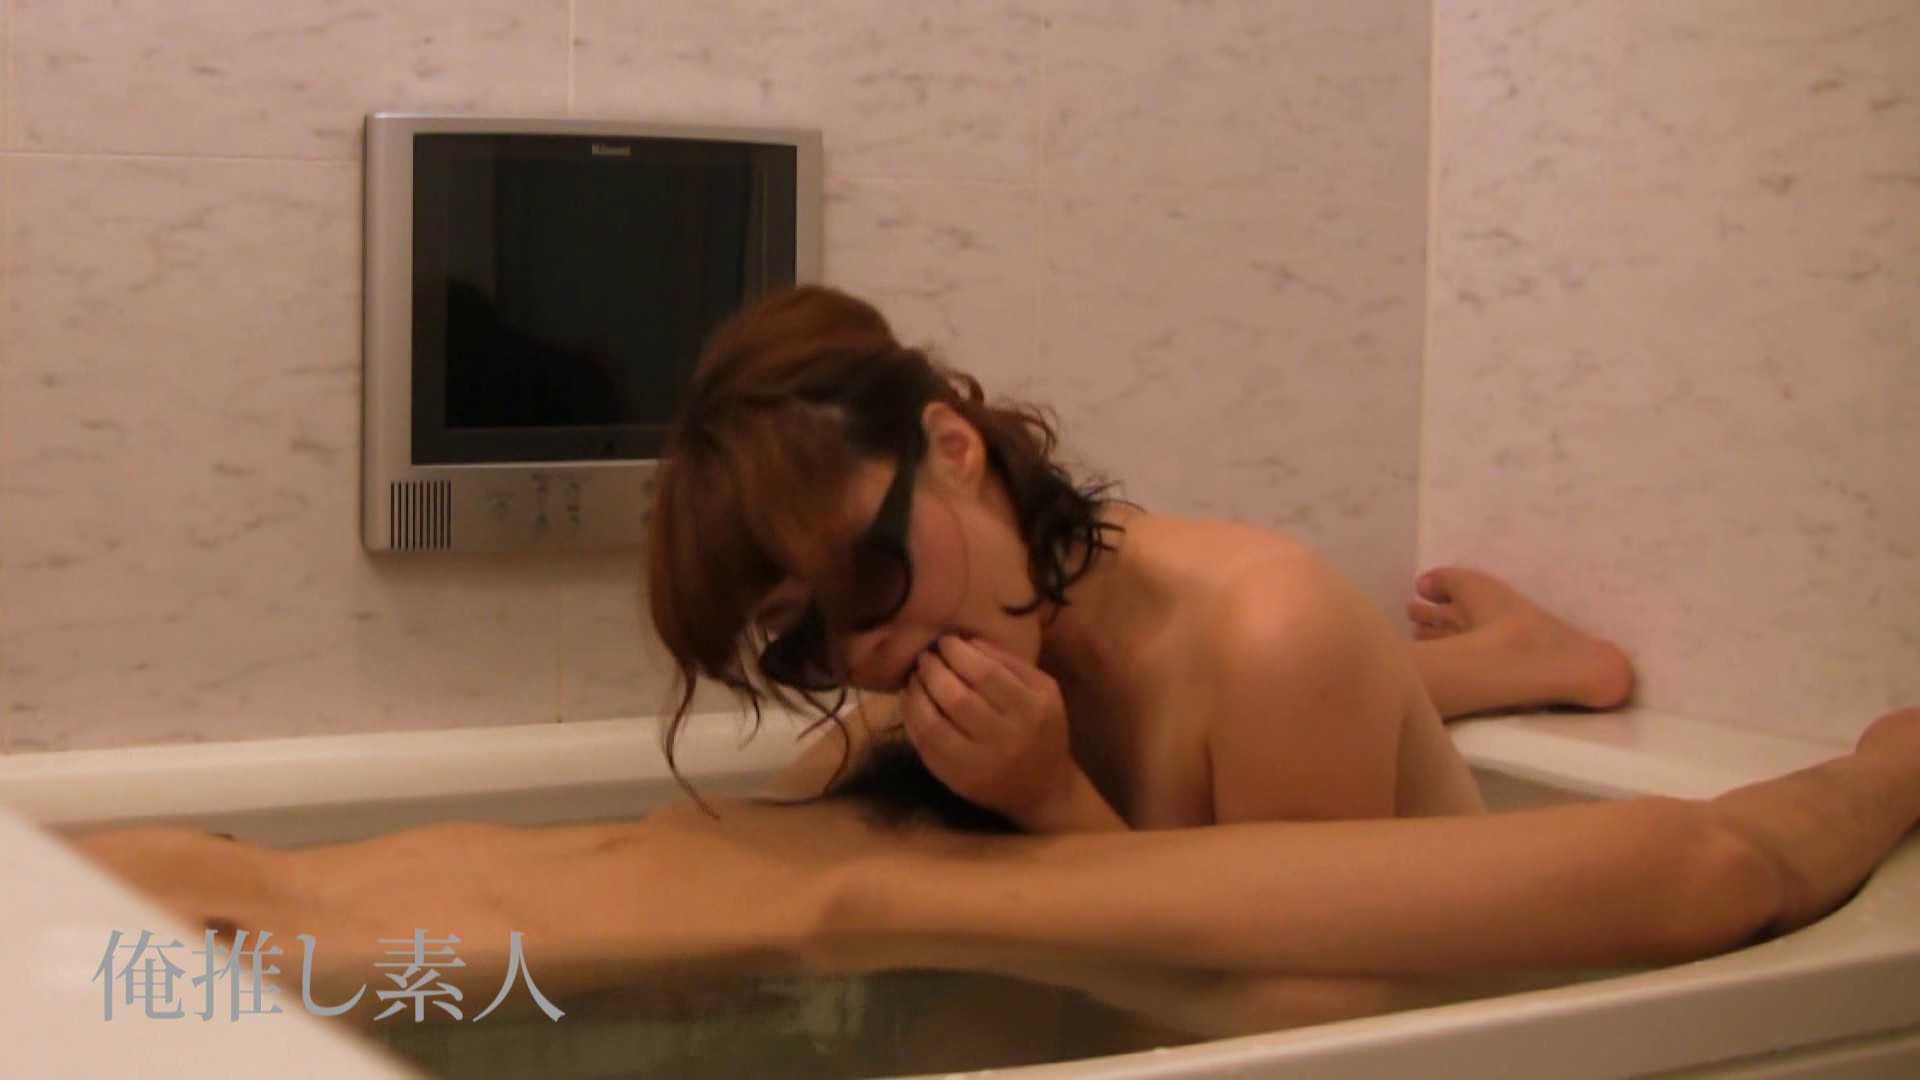 俺推し素人 キャバクラ嬢26歳久美vol4 素人  75連発 22